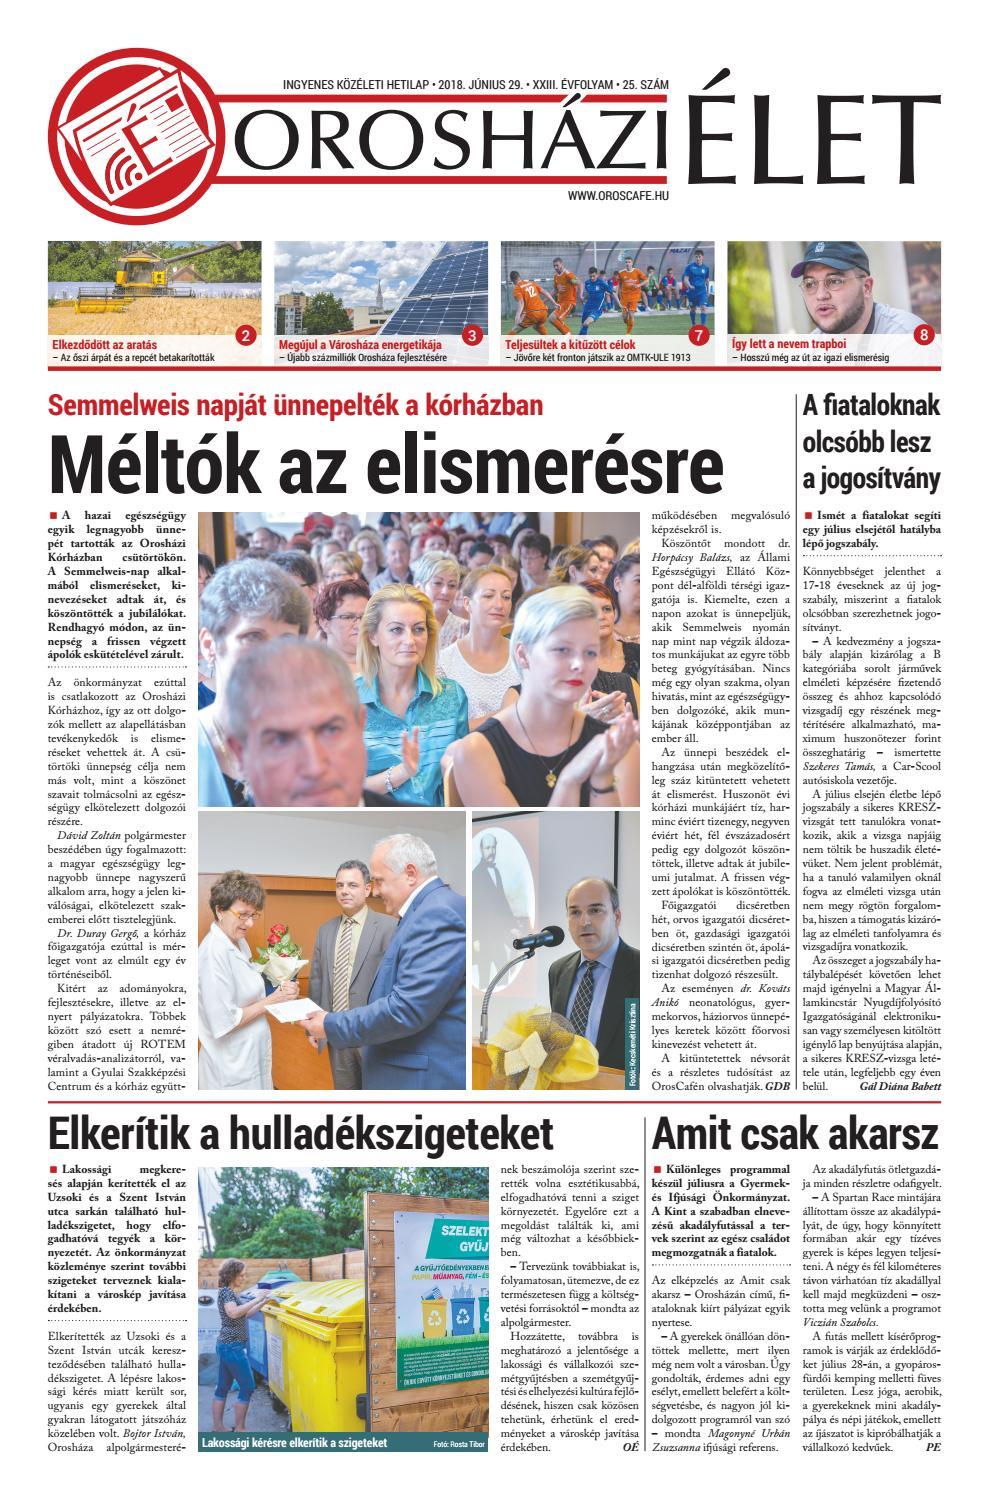 2018.06.29 25. szám Orosházi Élet by OrosCafé - issuu 2307e248d9